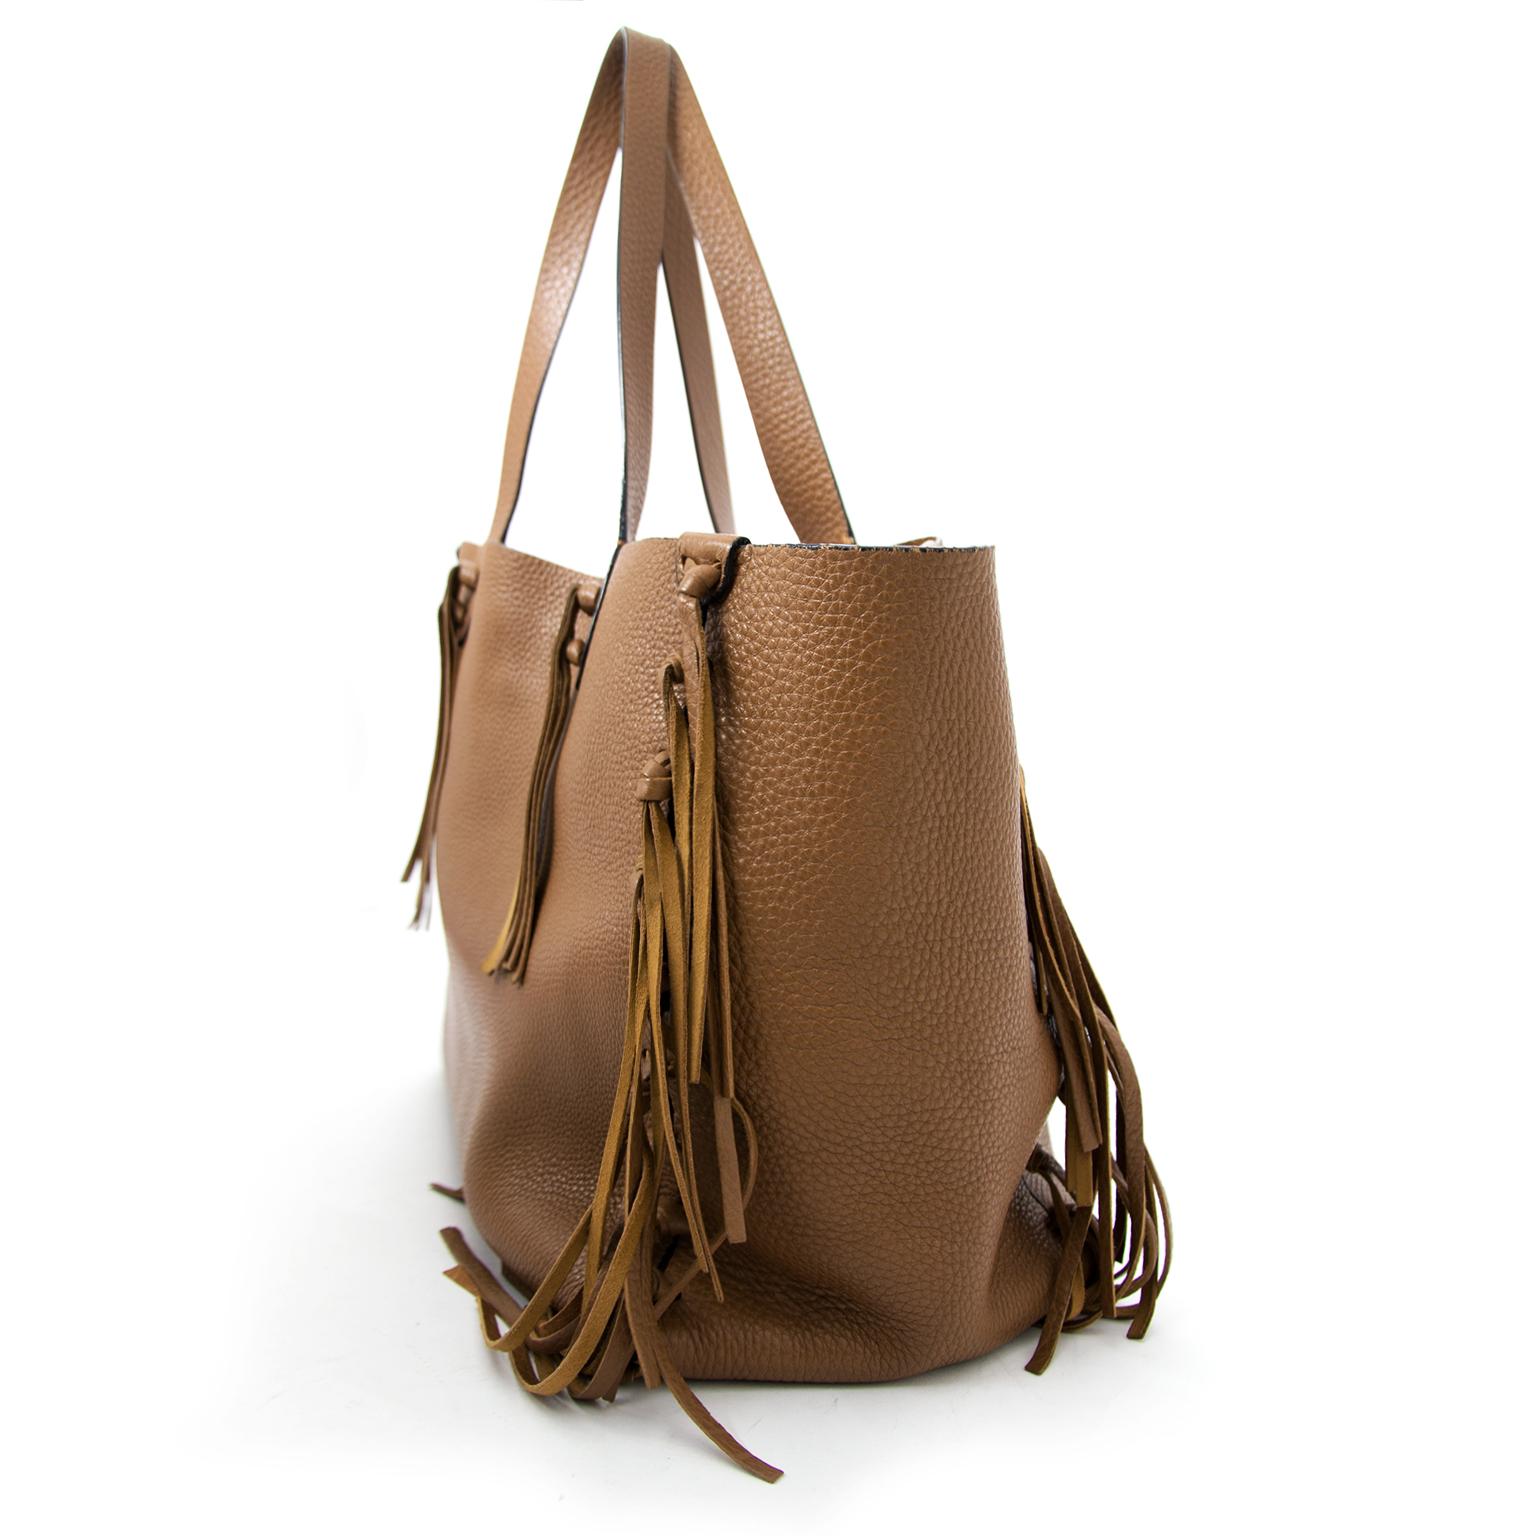 ... online at Labellov luxury Buy authentic Valentino bags at Labellov.com e331dc3bf3fb7